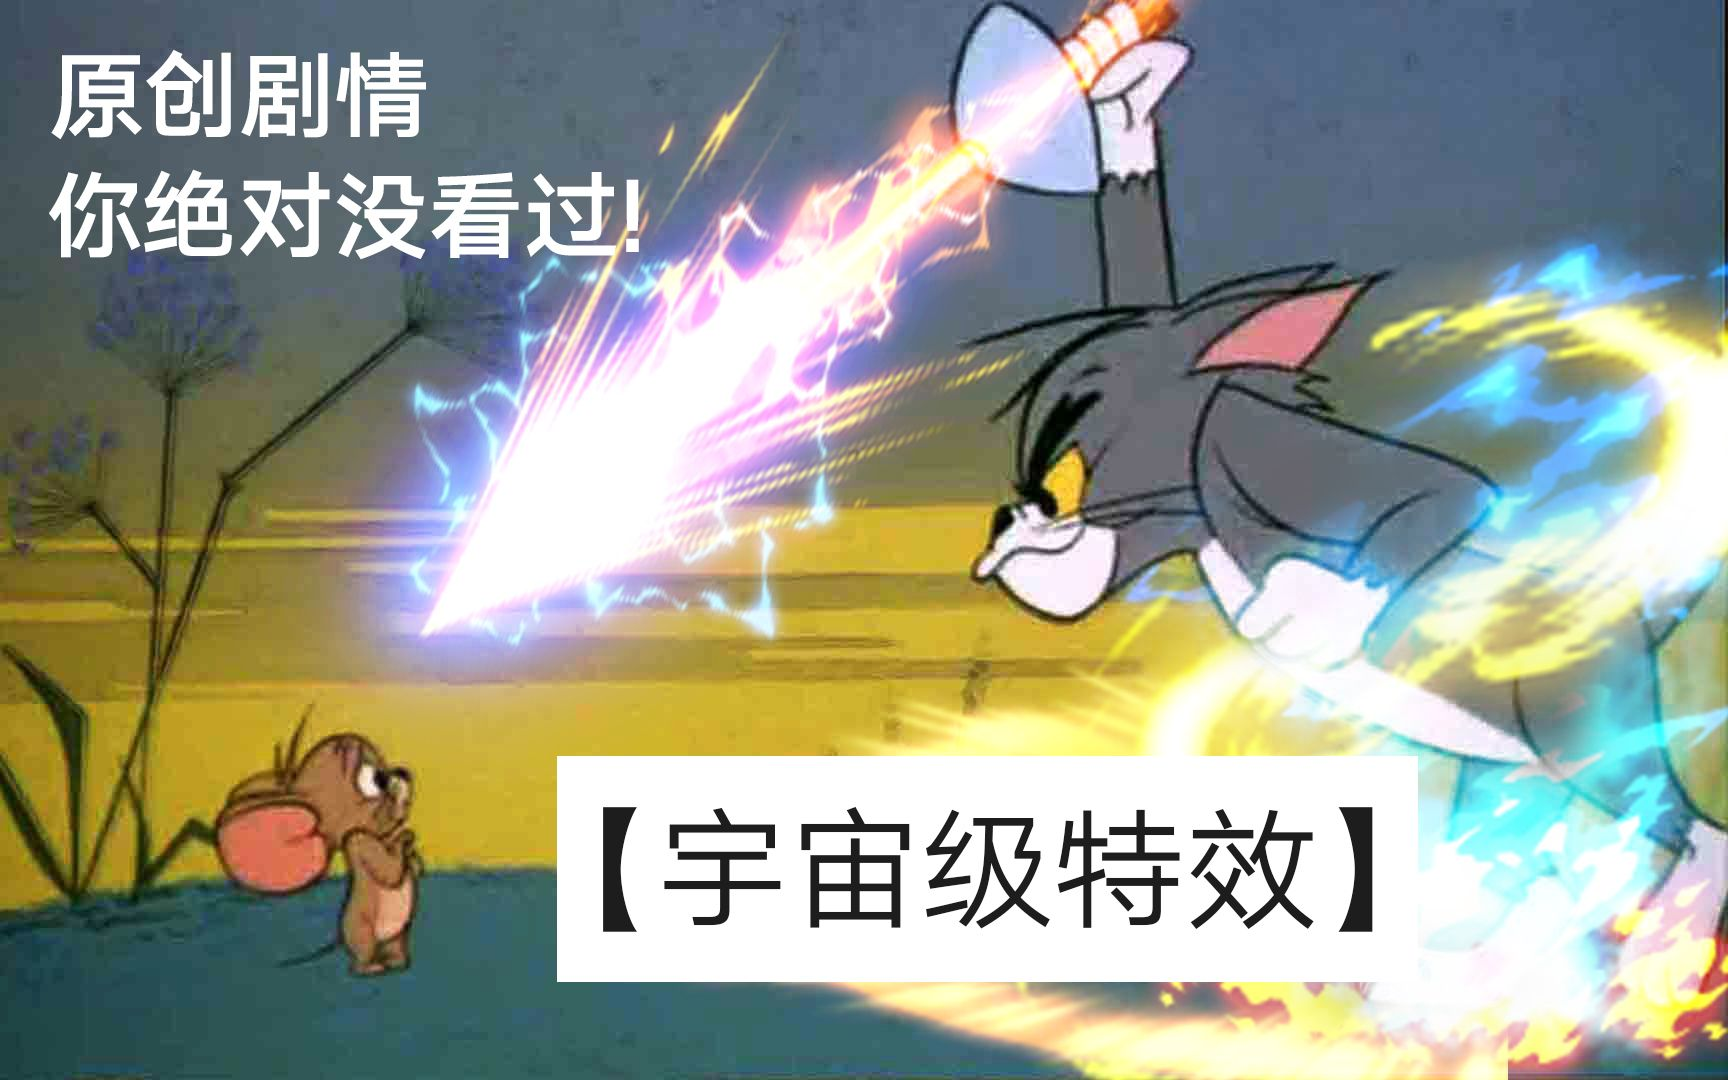 [亿万级特效猫鼠大战] 全新观感 原创剧情 你绝对没有看过!【猫和老鼠手游】